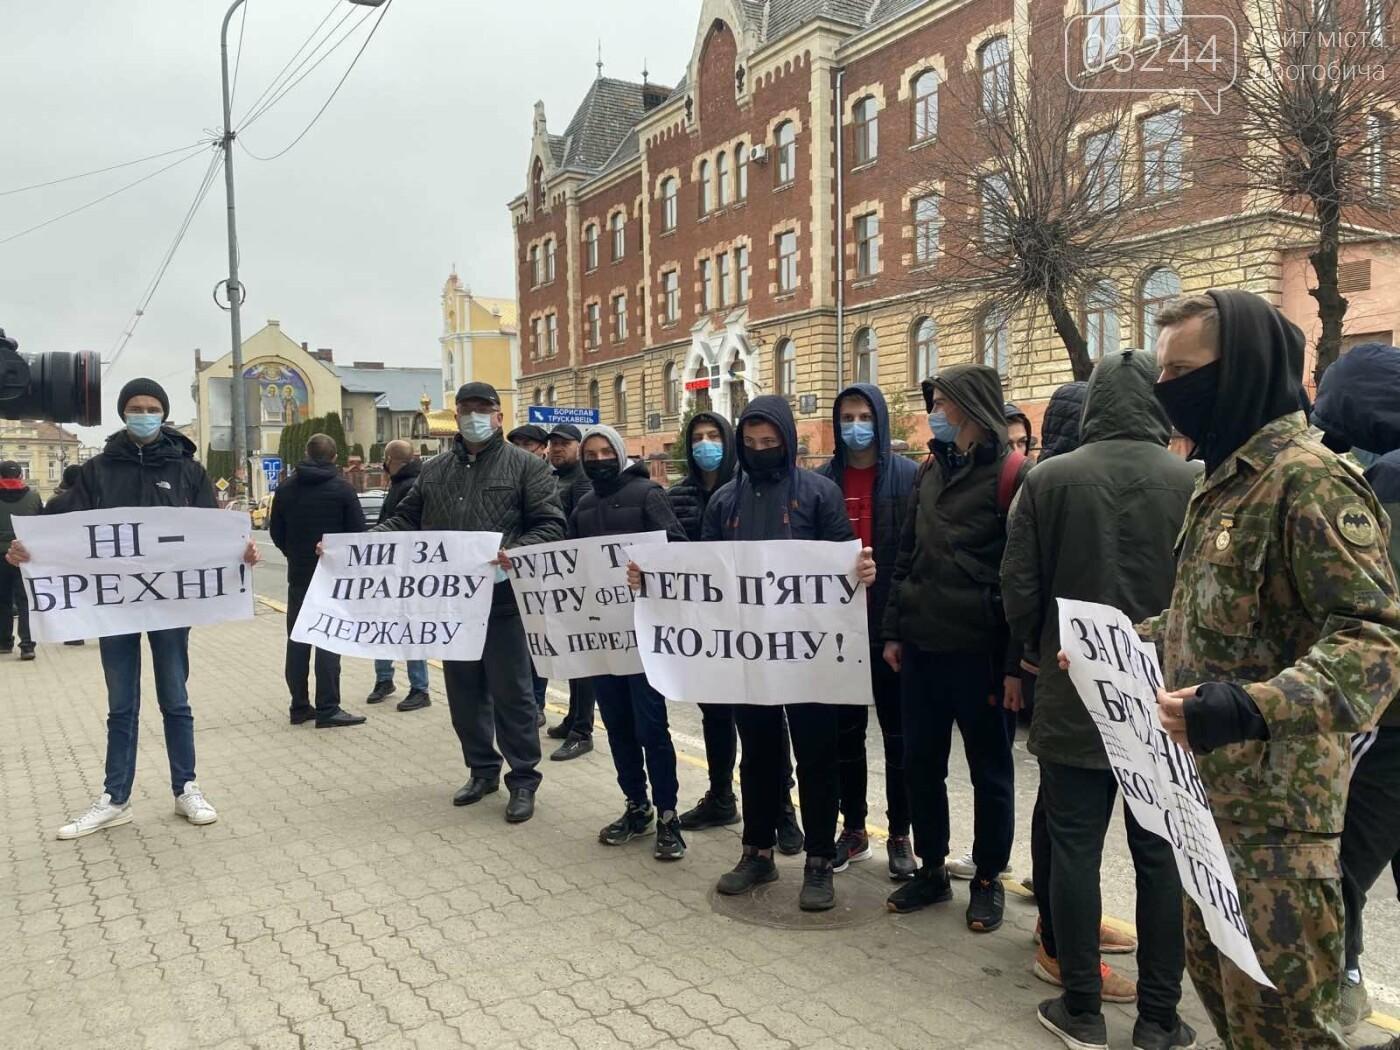 Учасники АТО провели акцію протесту: виступили проти сепаратистських настроїв на Дрогобиччині, фото-1